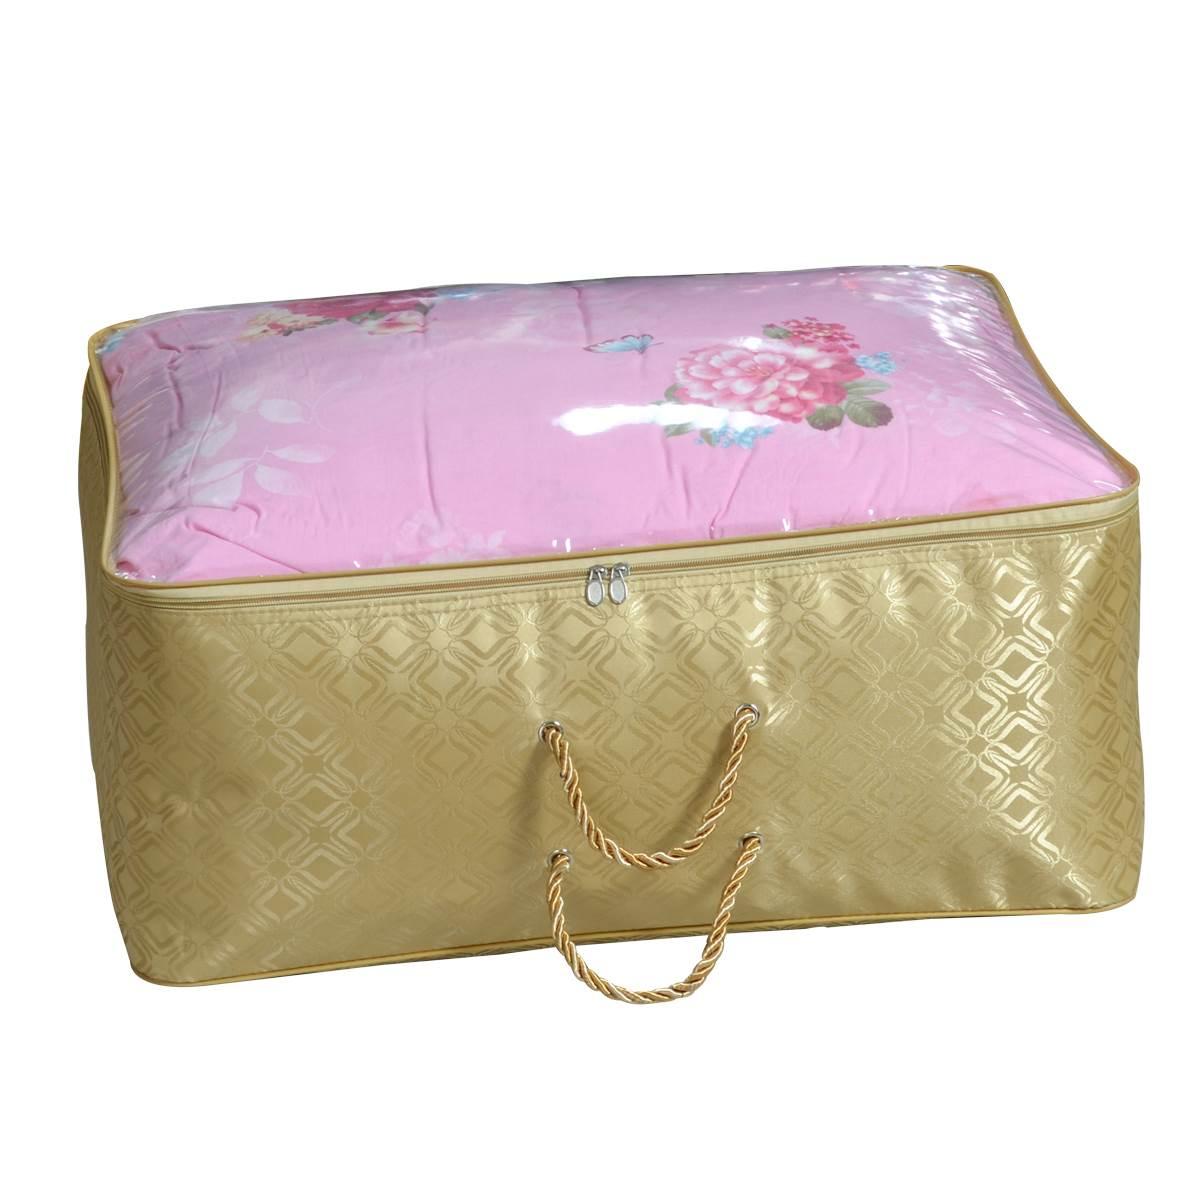 热钢丝支撑加厚牛津布搬家袋棉被收纳袋 单面透明窗防水袋新